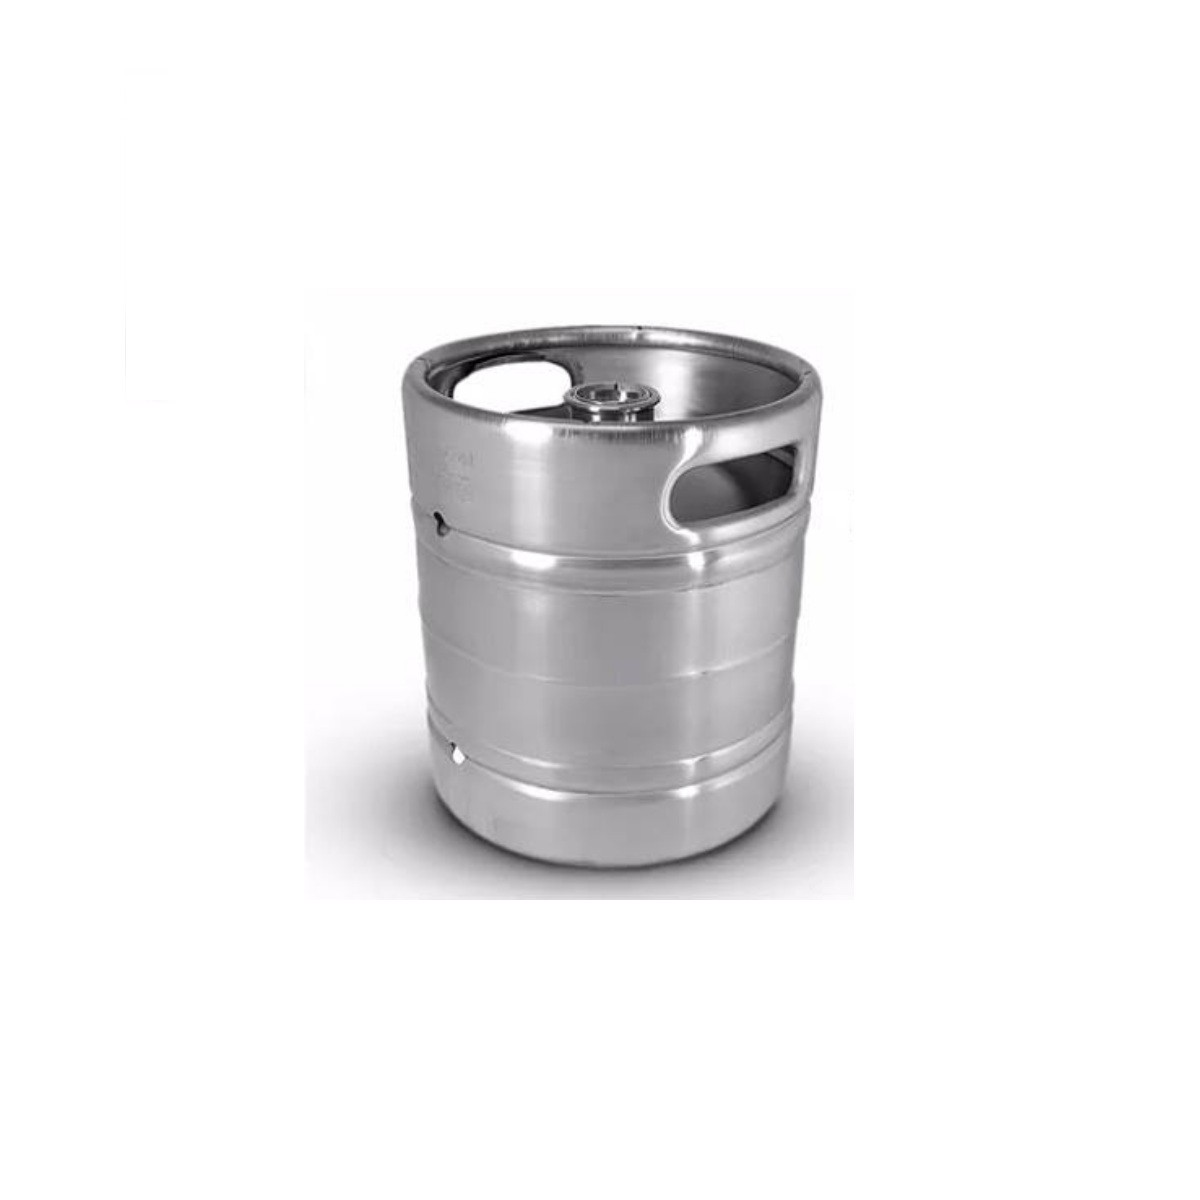 Kit Extração 1 Via Completo com Barril Para Chopp ou Cerveja Artesanal